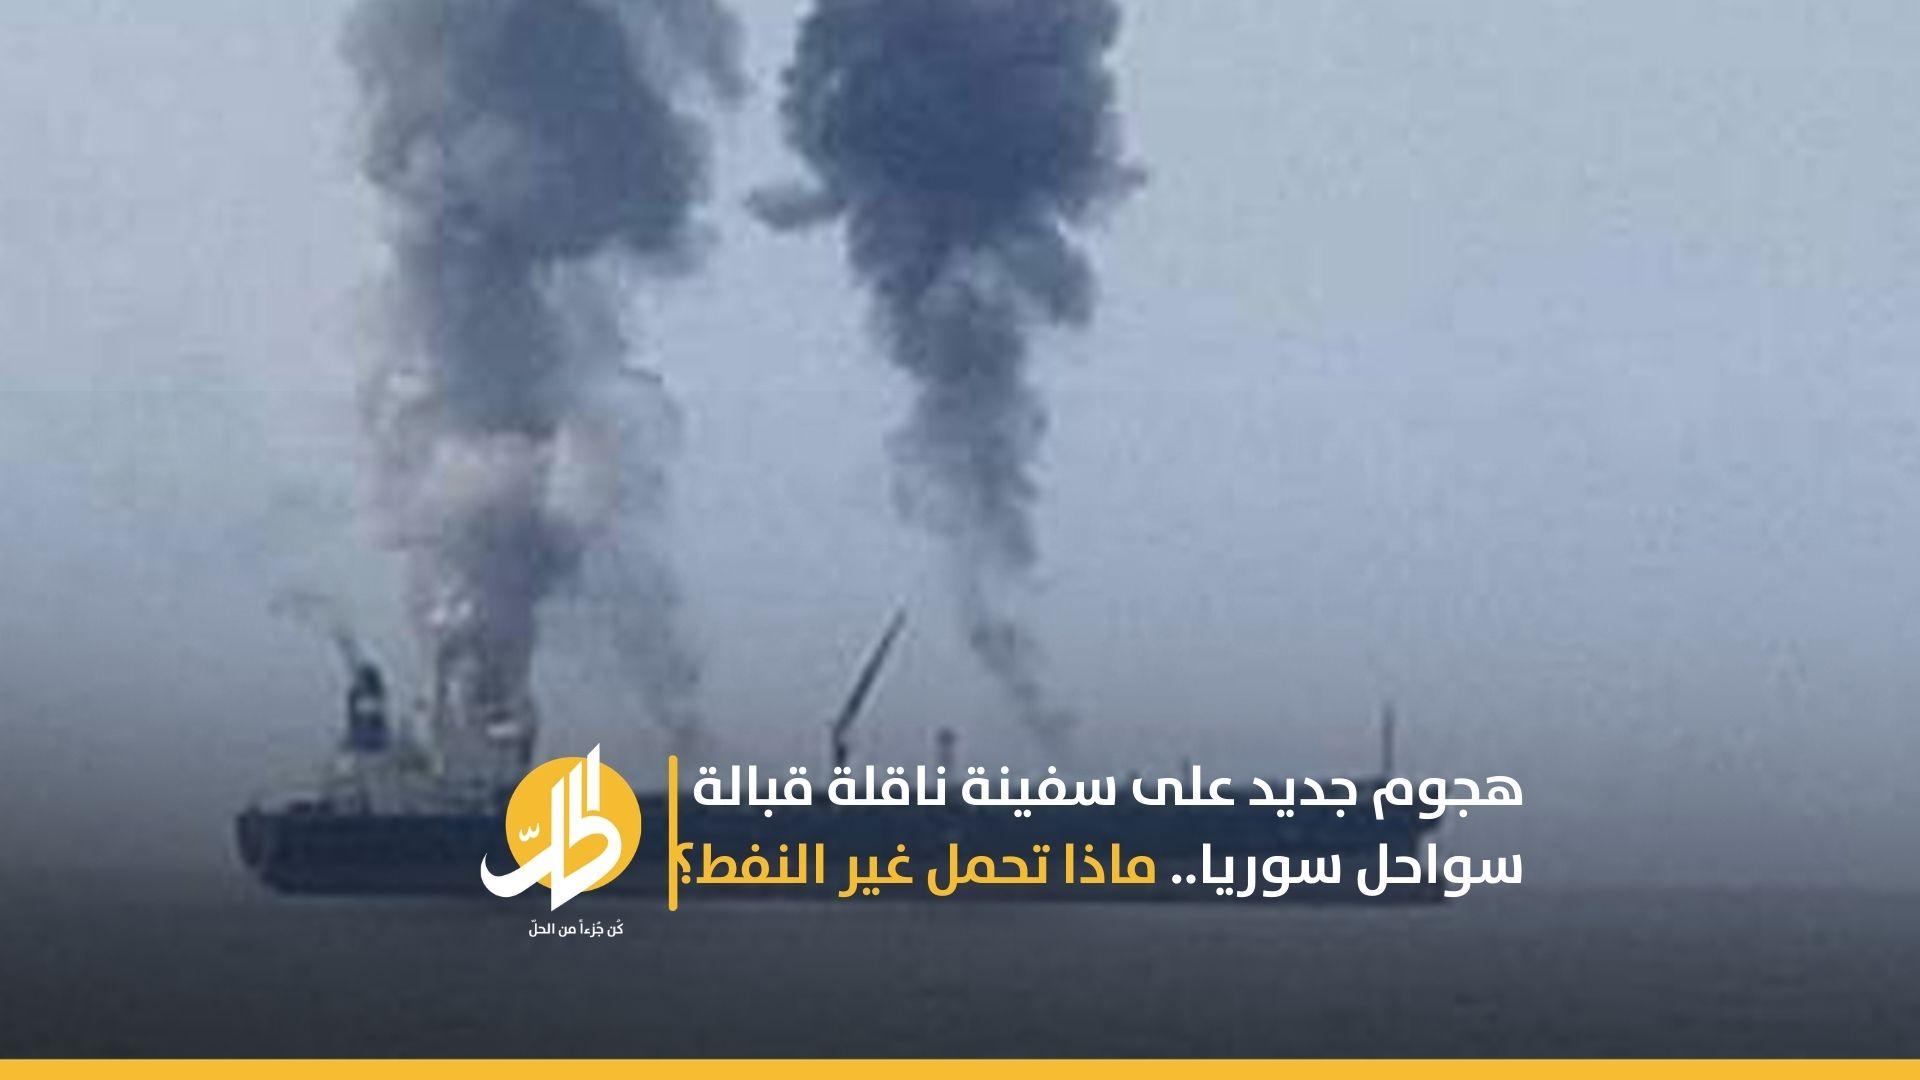 هجوم جديد على سفينة ناقلة قبالة سواحل سوريا.. ماذا تحمل غير النفط؟